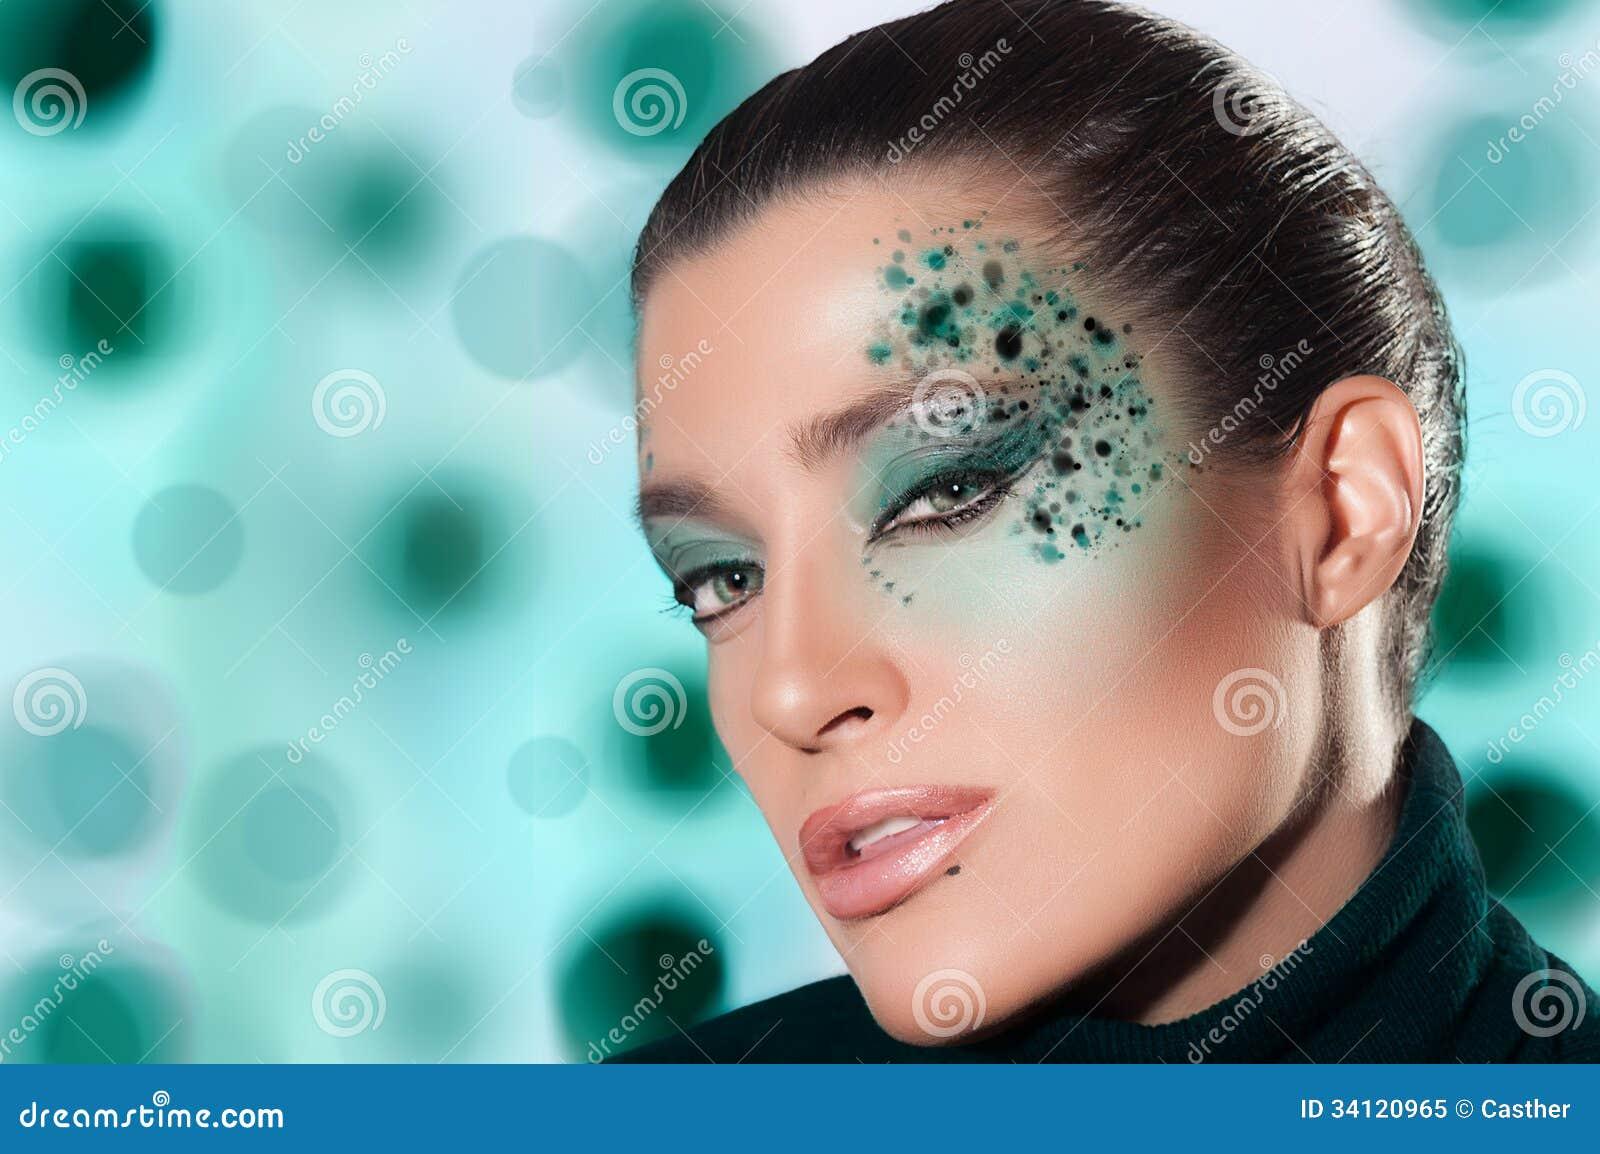 Het meisje van de schoonheidsmanier met fantasiemake up royalty vrije stock foto beeld 34120965 - Beeld het meisje van ...